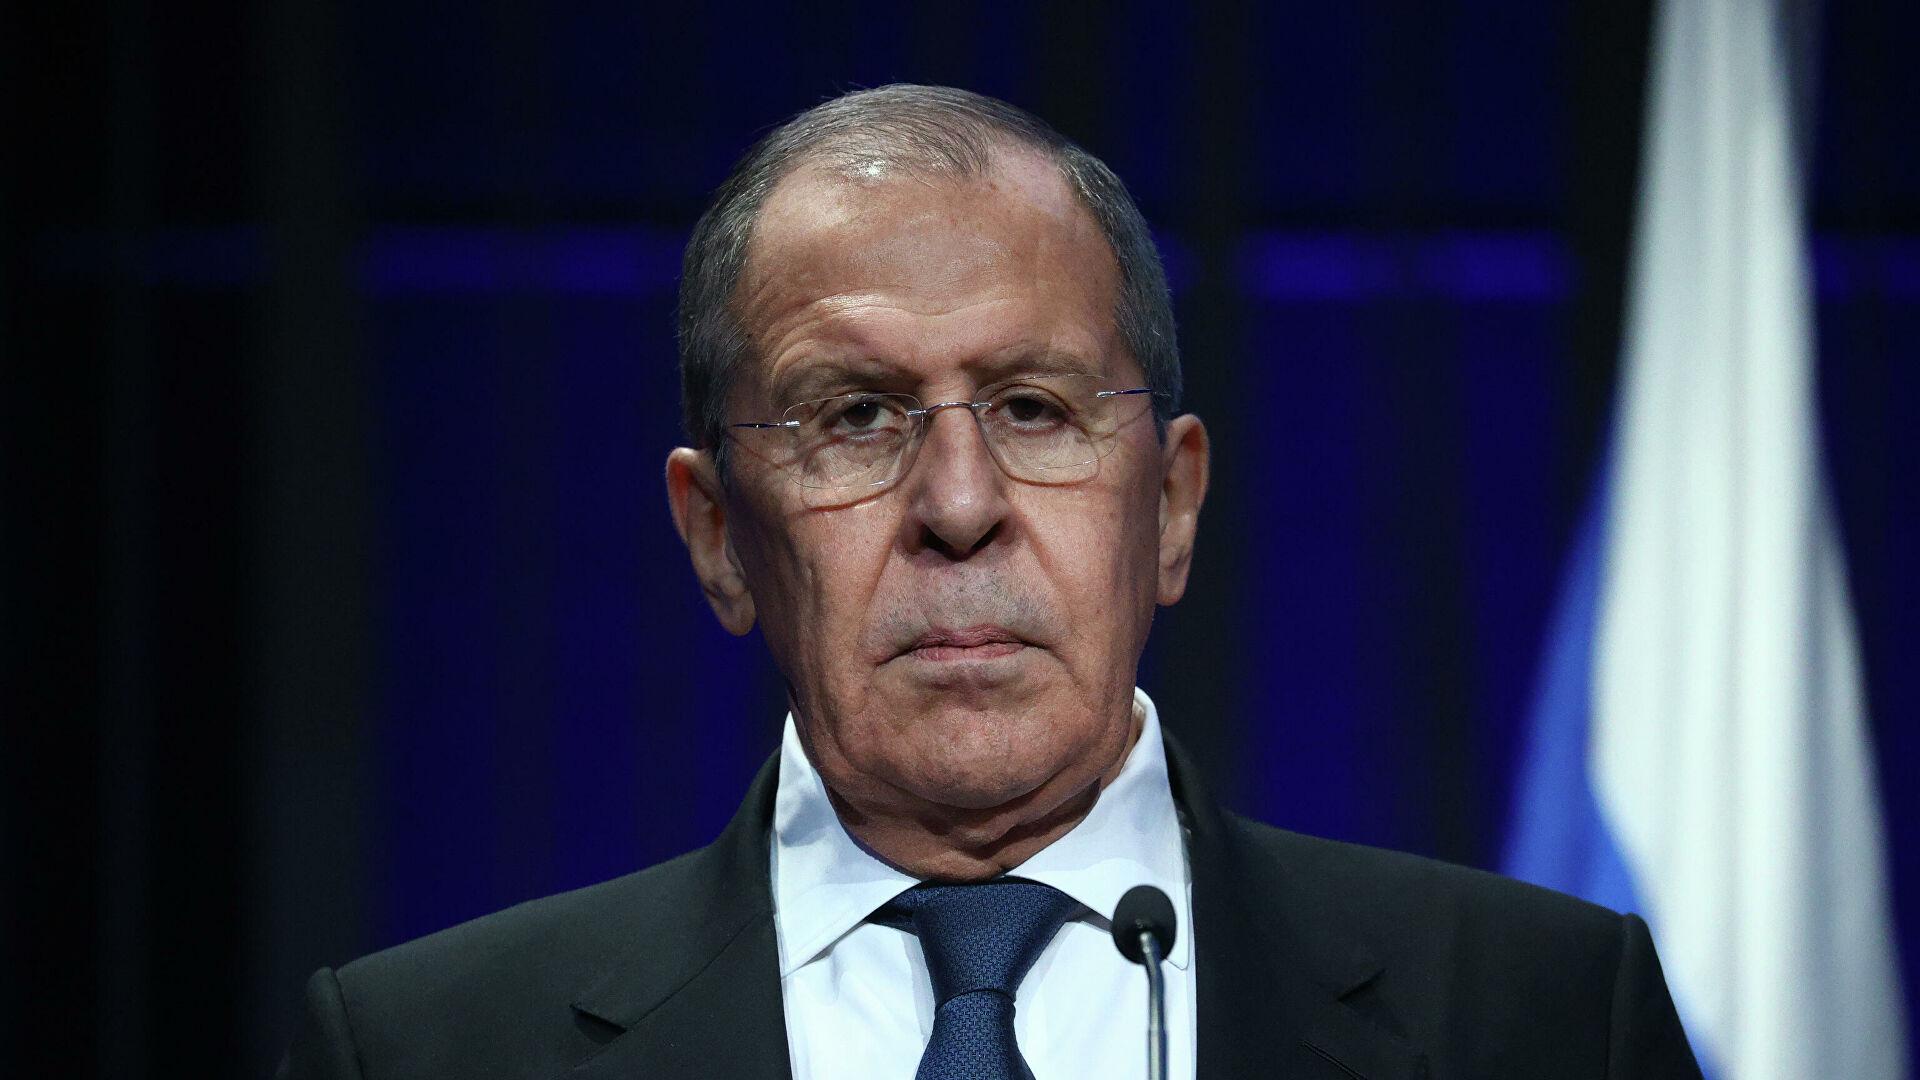 Rusija će nastaviti da pruža podršku Srbiji u očuvanju teritorijalnog integriteta i suvereniteta